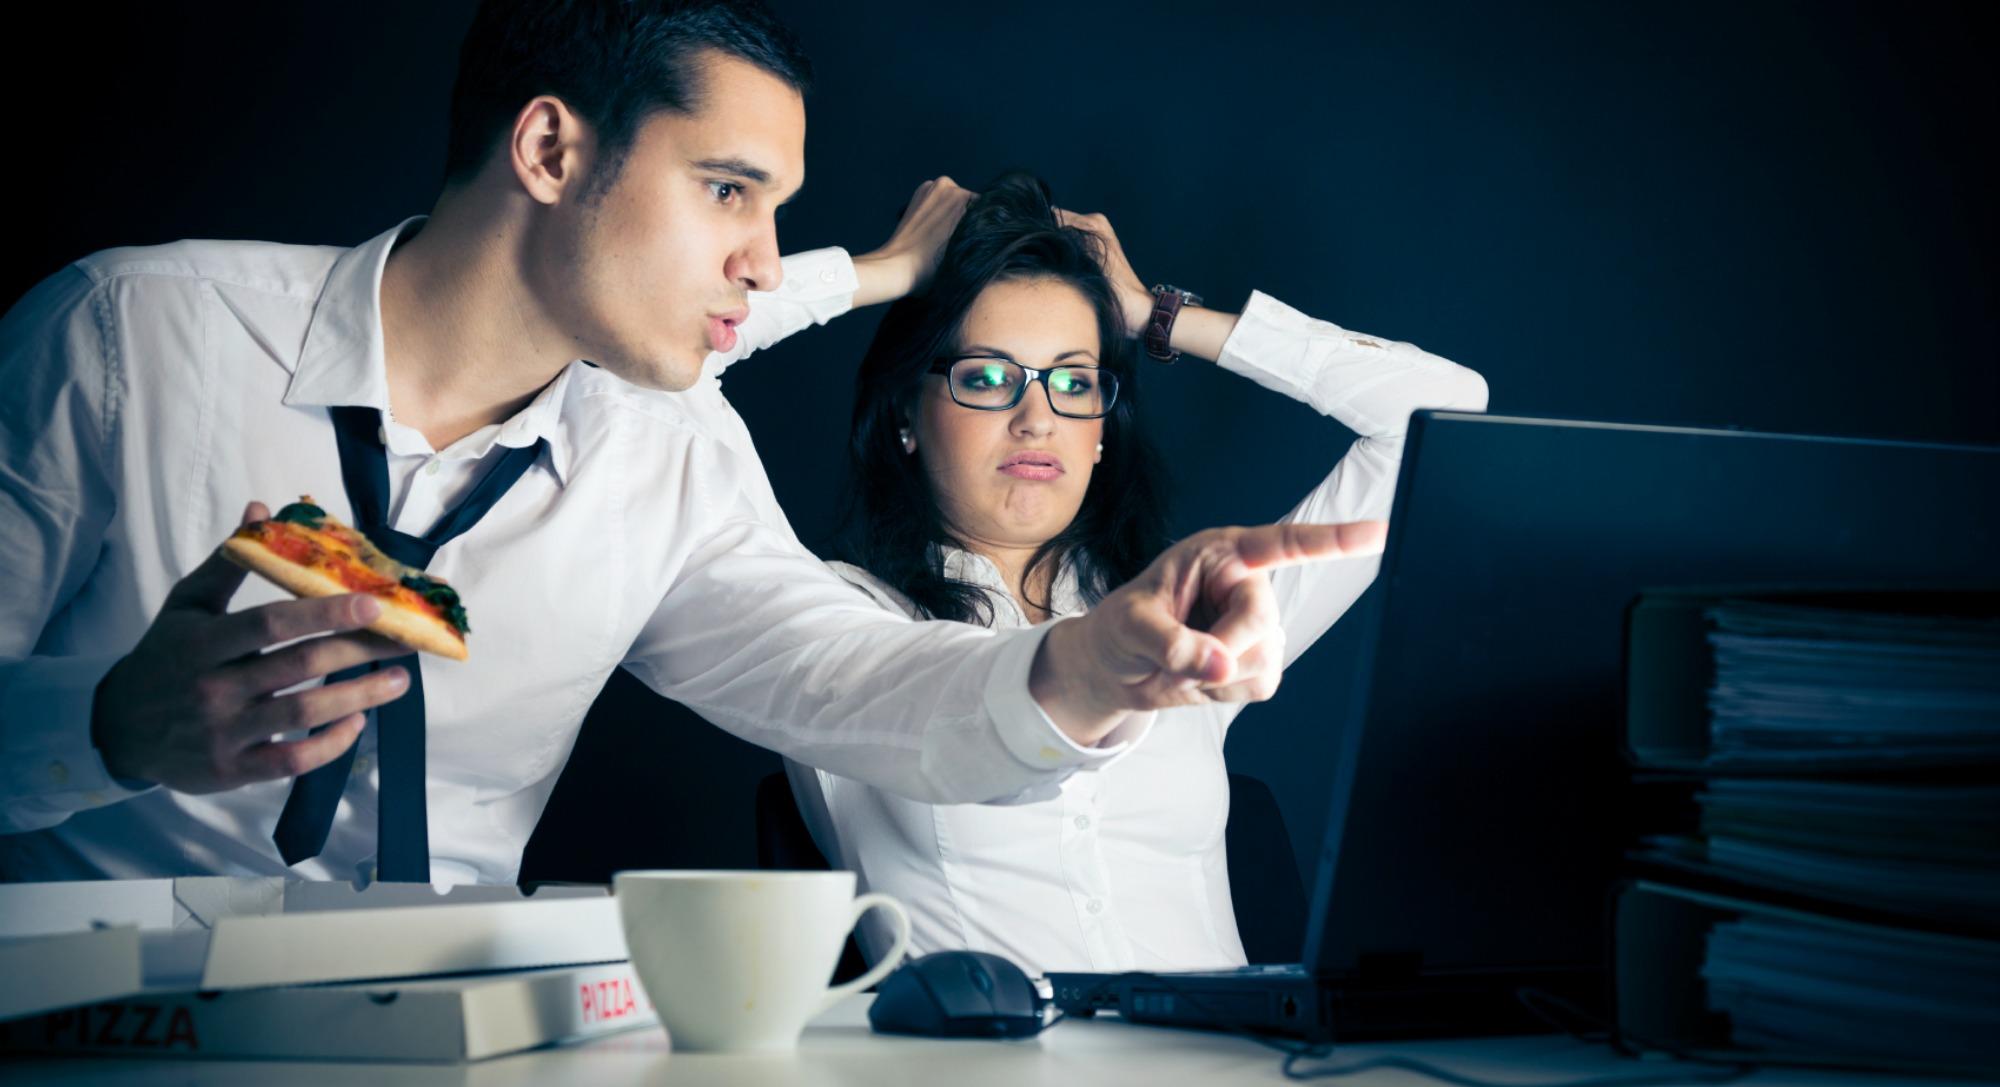 Υπάρχουν άνθρωποι που δουλεύουν καλύτερα σε συνεργασία με άλλους και άλλα άτομα που αποδίδουν καλύτερα όταν εργάζονται μόνοι τους. Εσείς σε ποια κατηγορία ανήκετε;